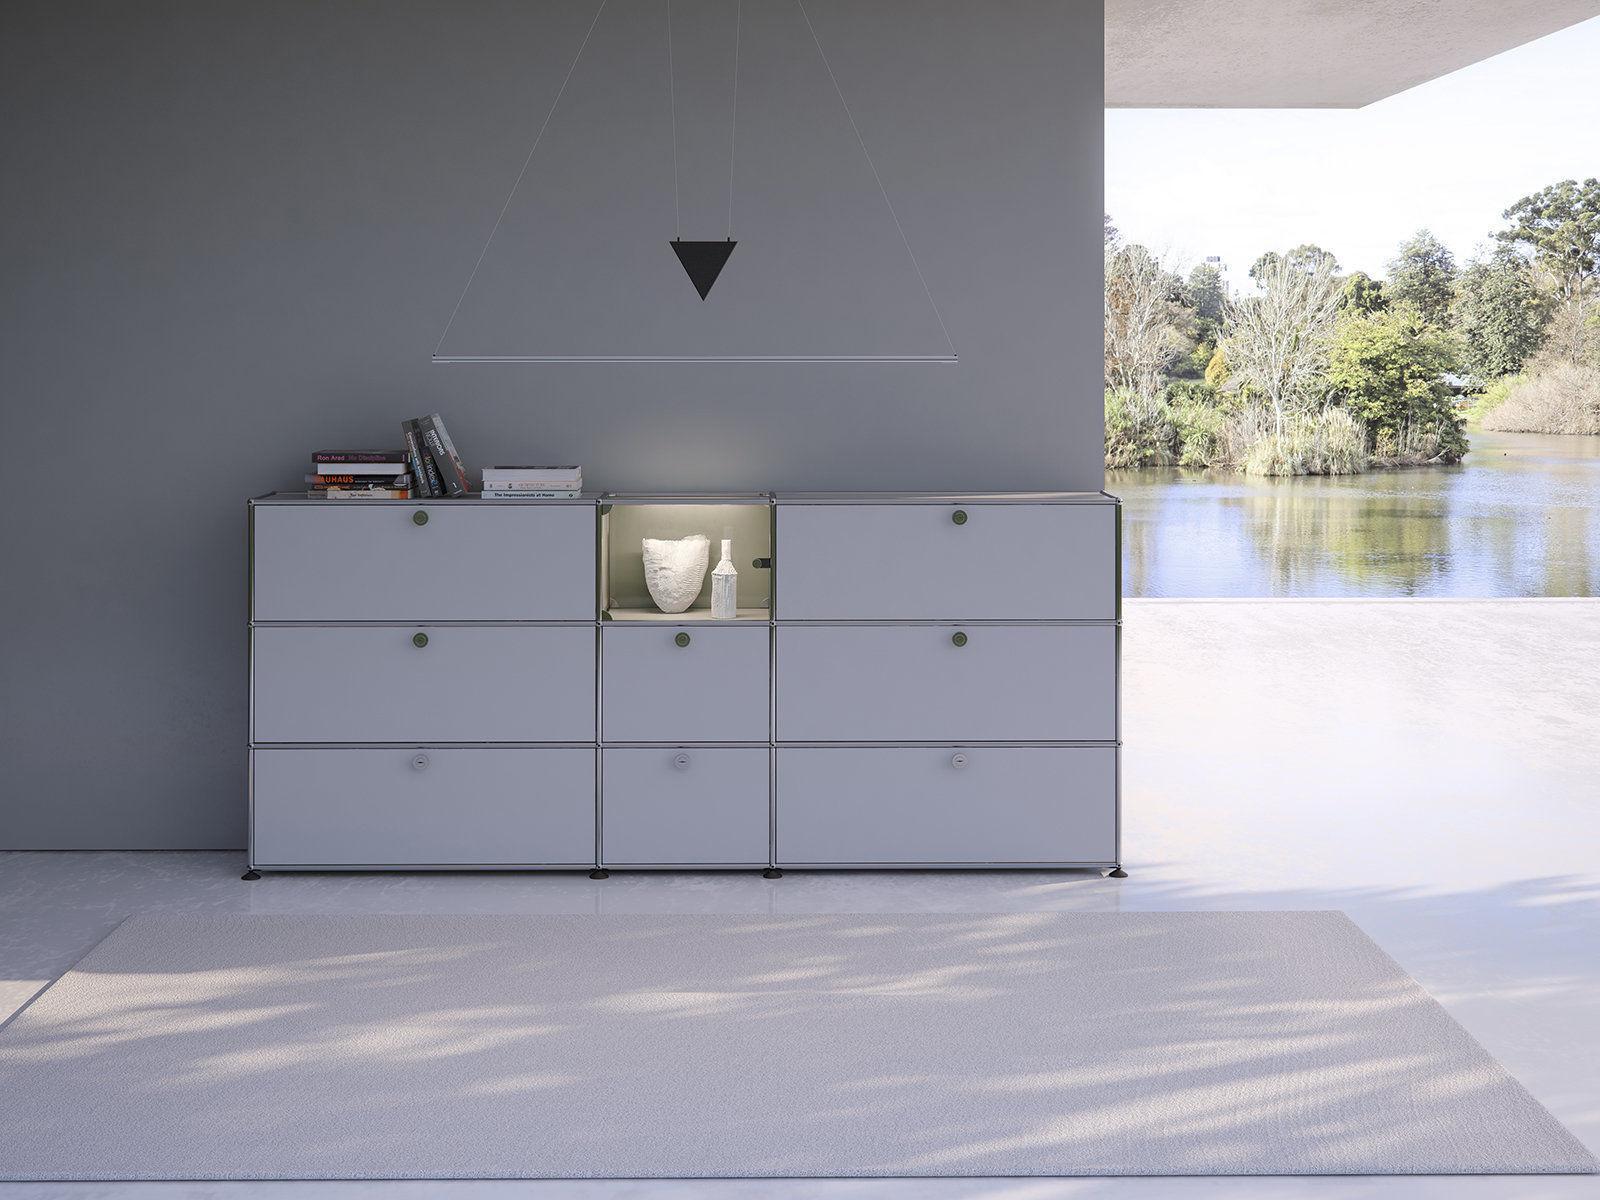 Filum USM Pendant Light and Illuminated Cabinet